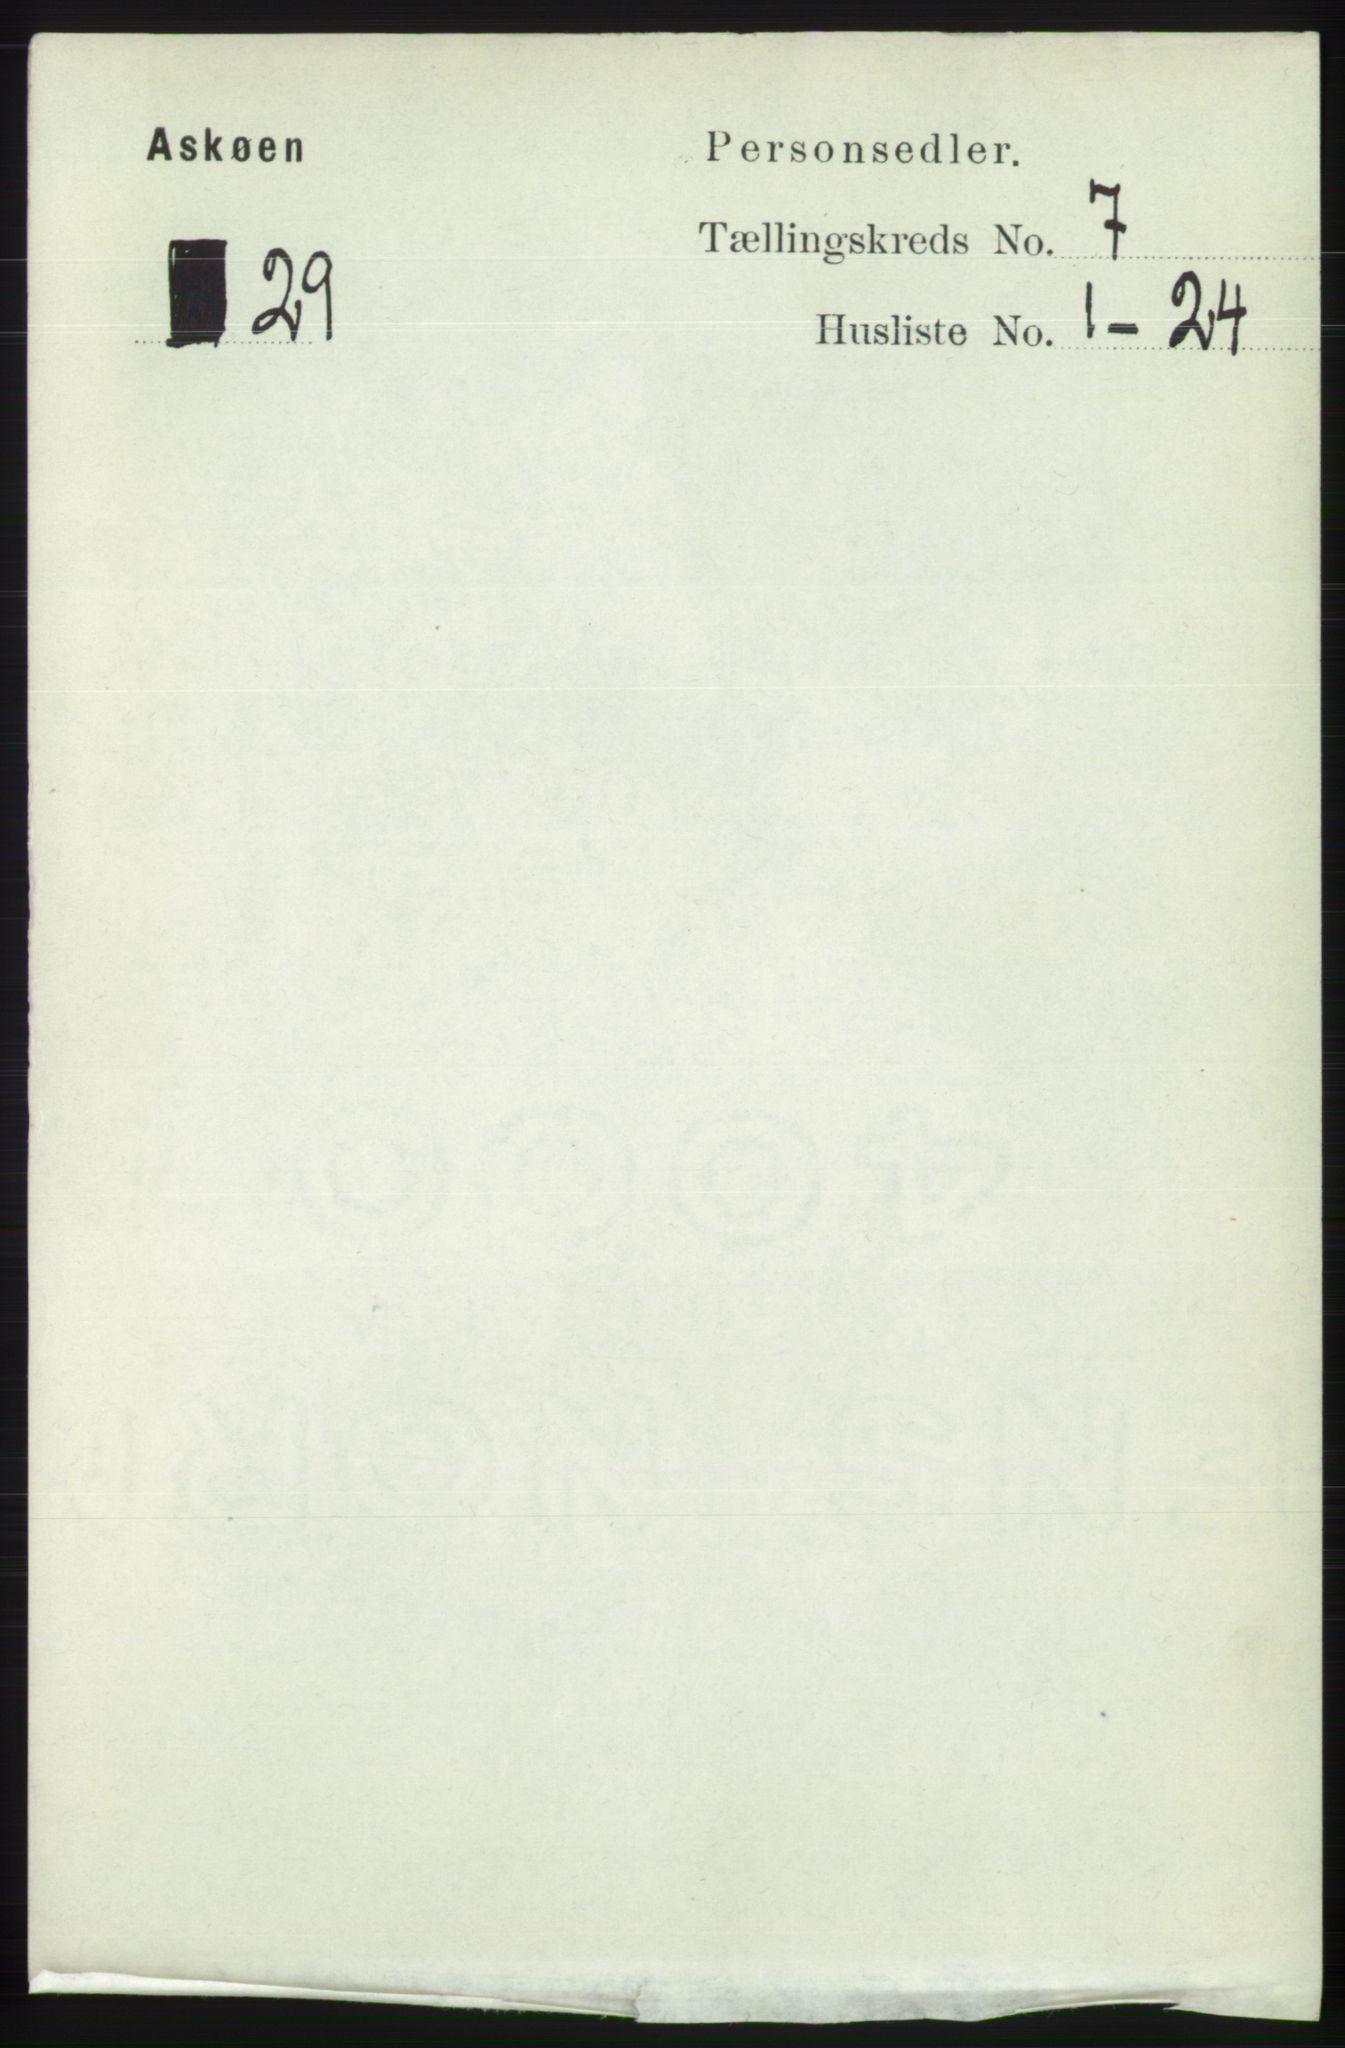 RA, Folketelling 1891 for 1247 Askøy herred, 1891, s. 4496